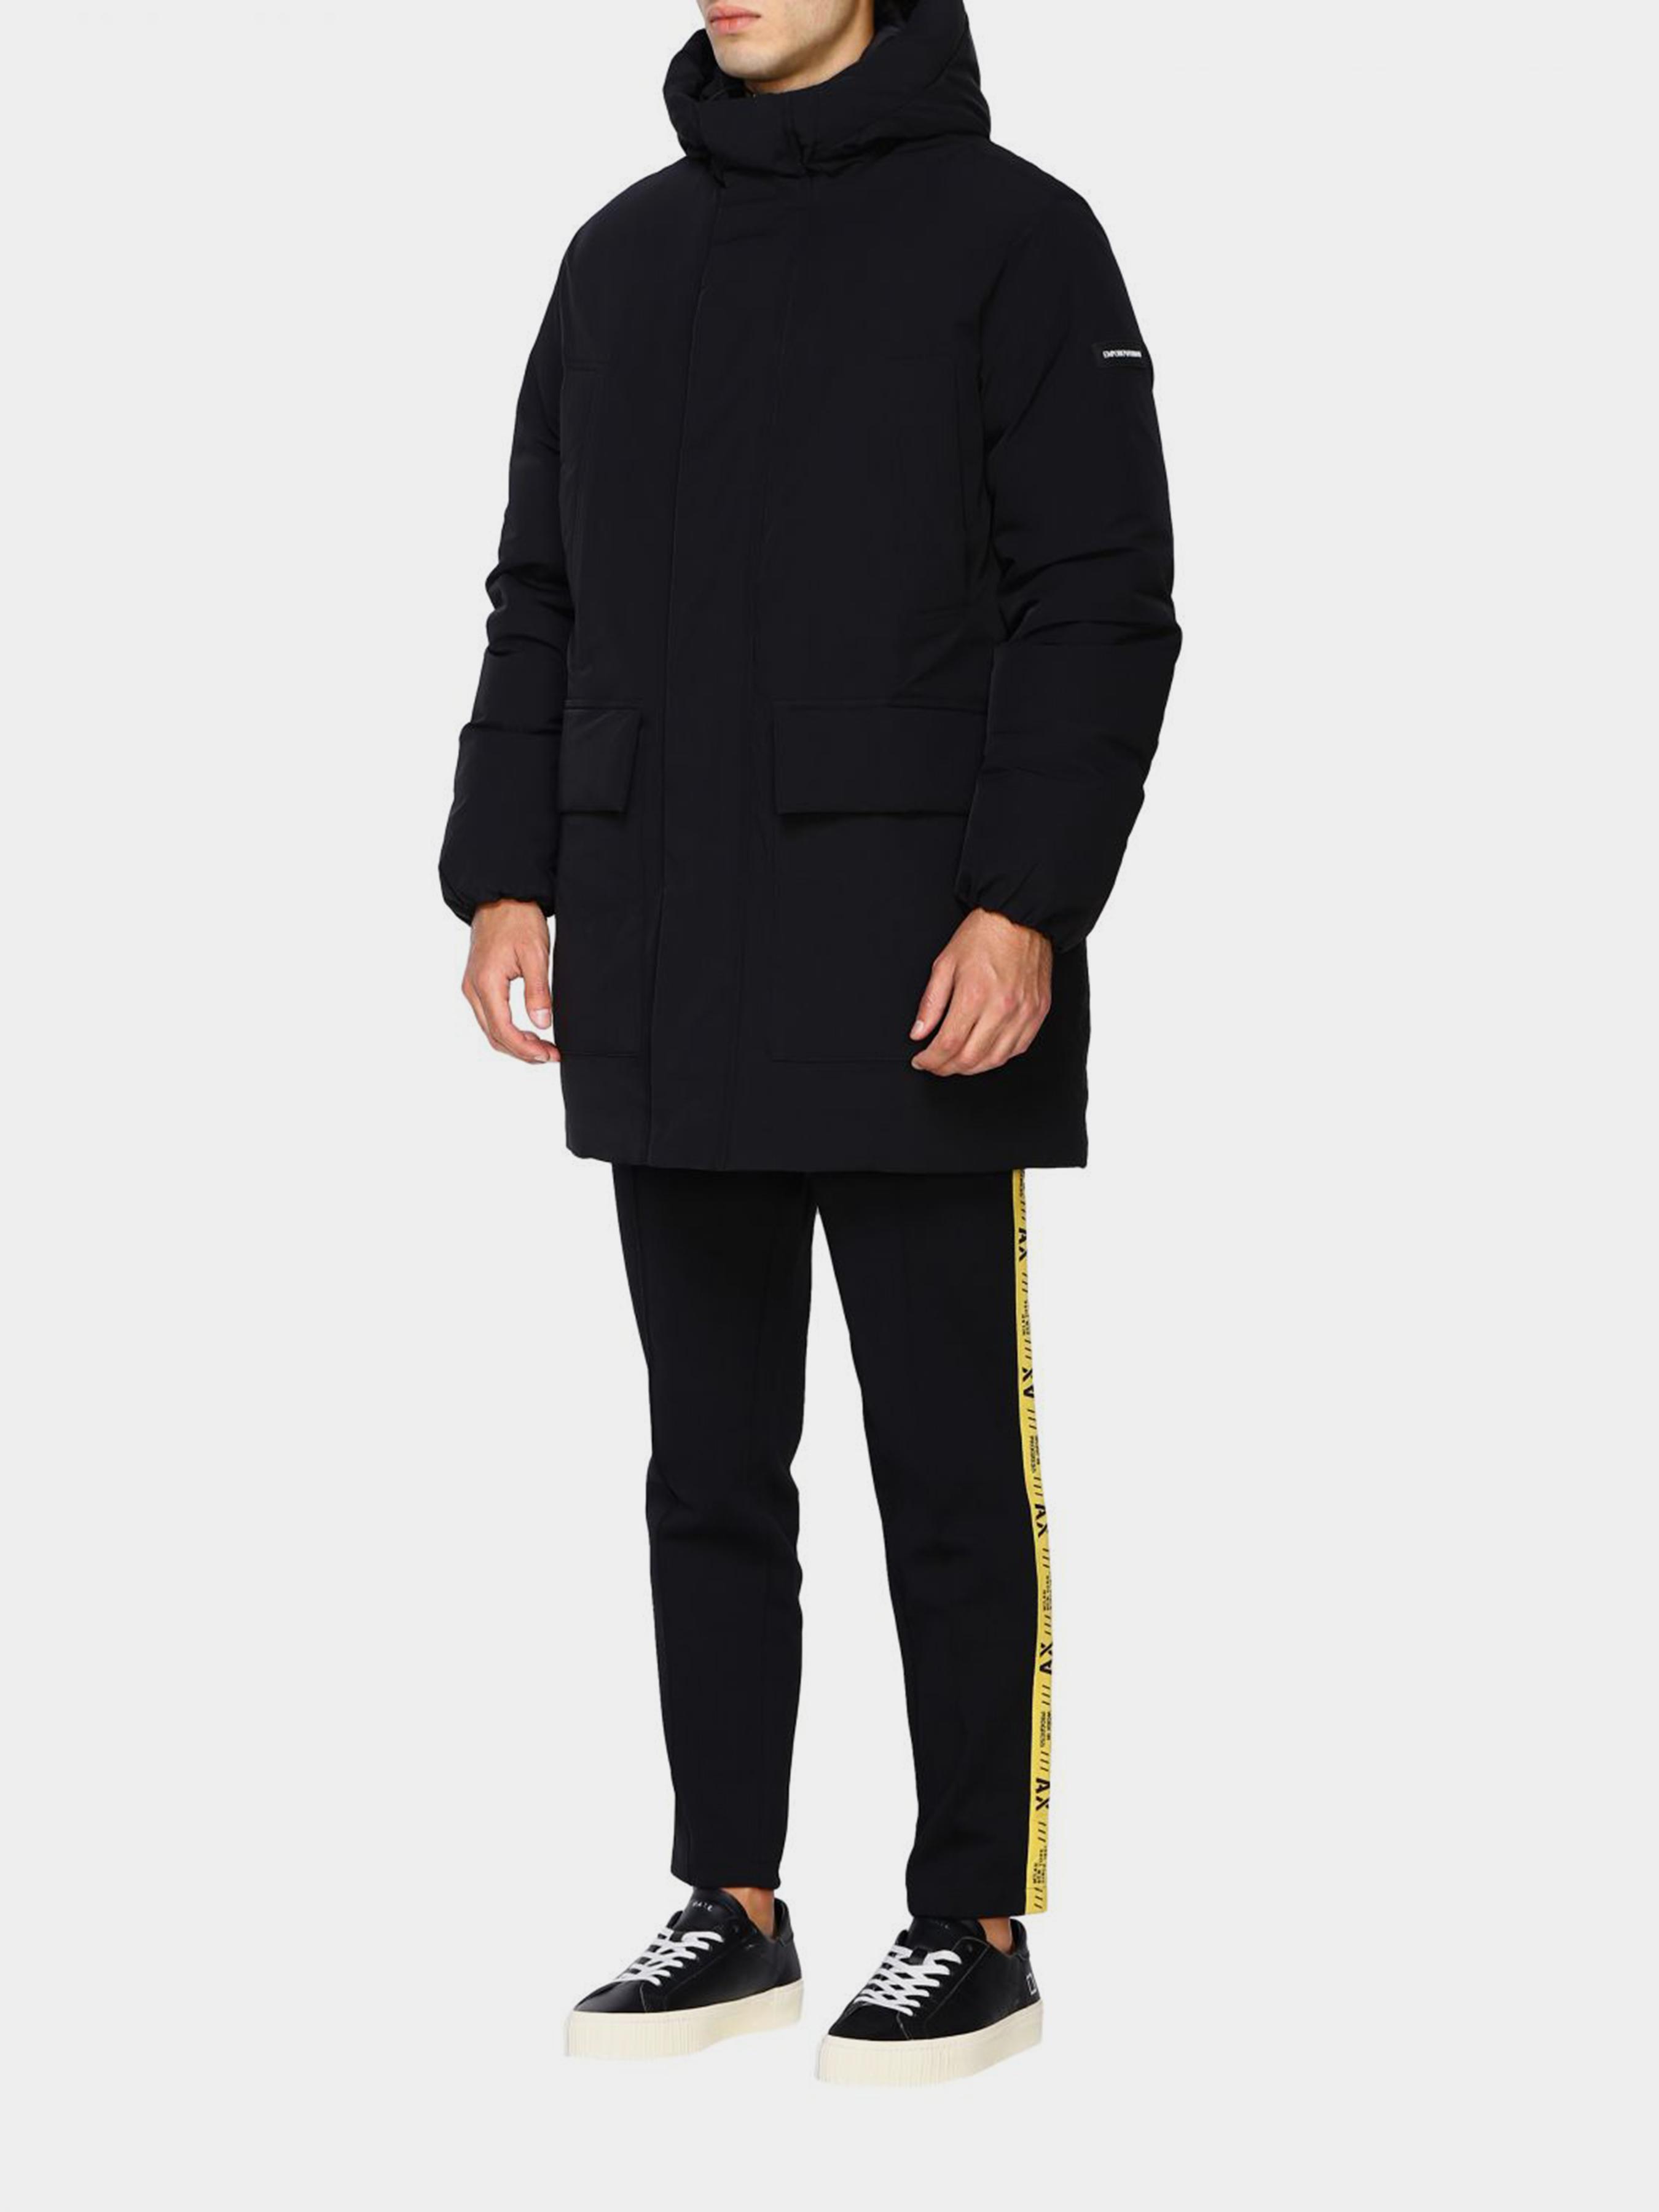 Куртка мужские Emporio Armani модель 5O938 отзывы, 2017